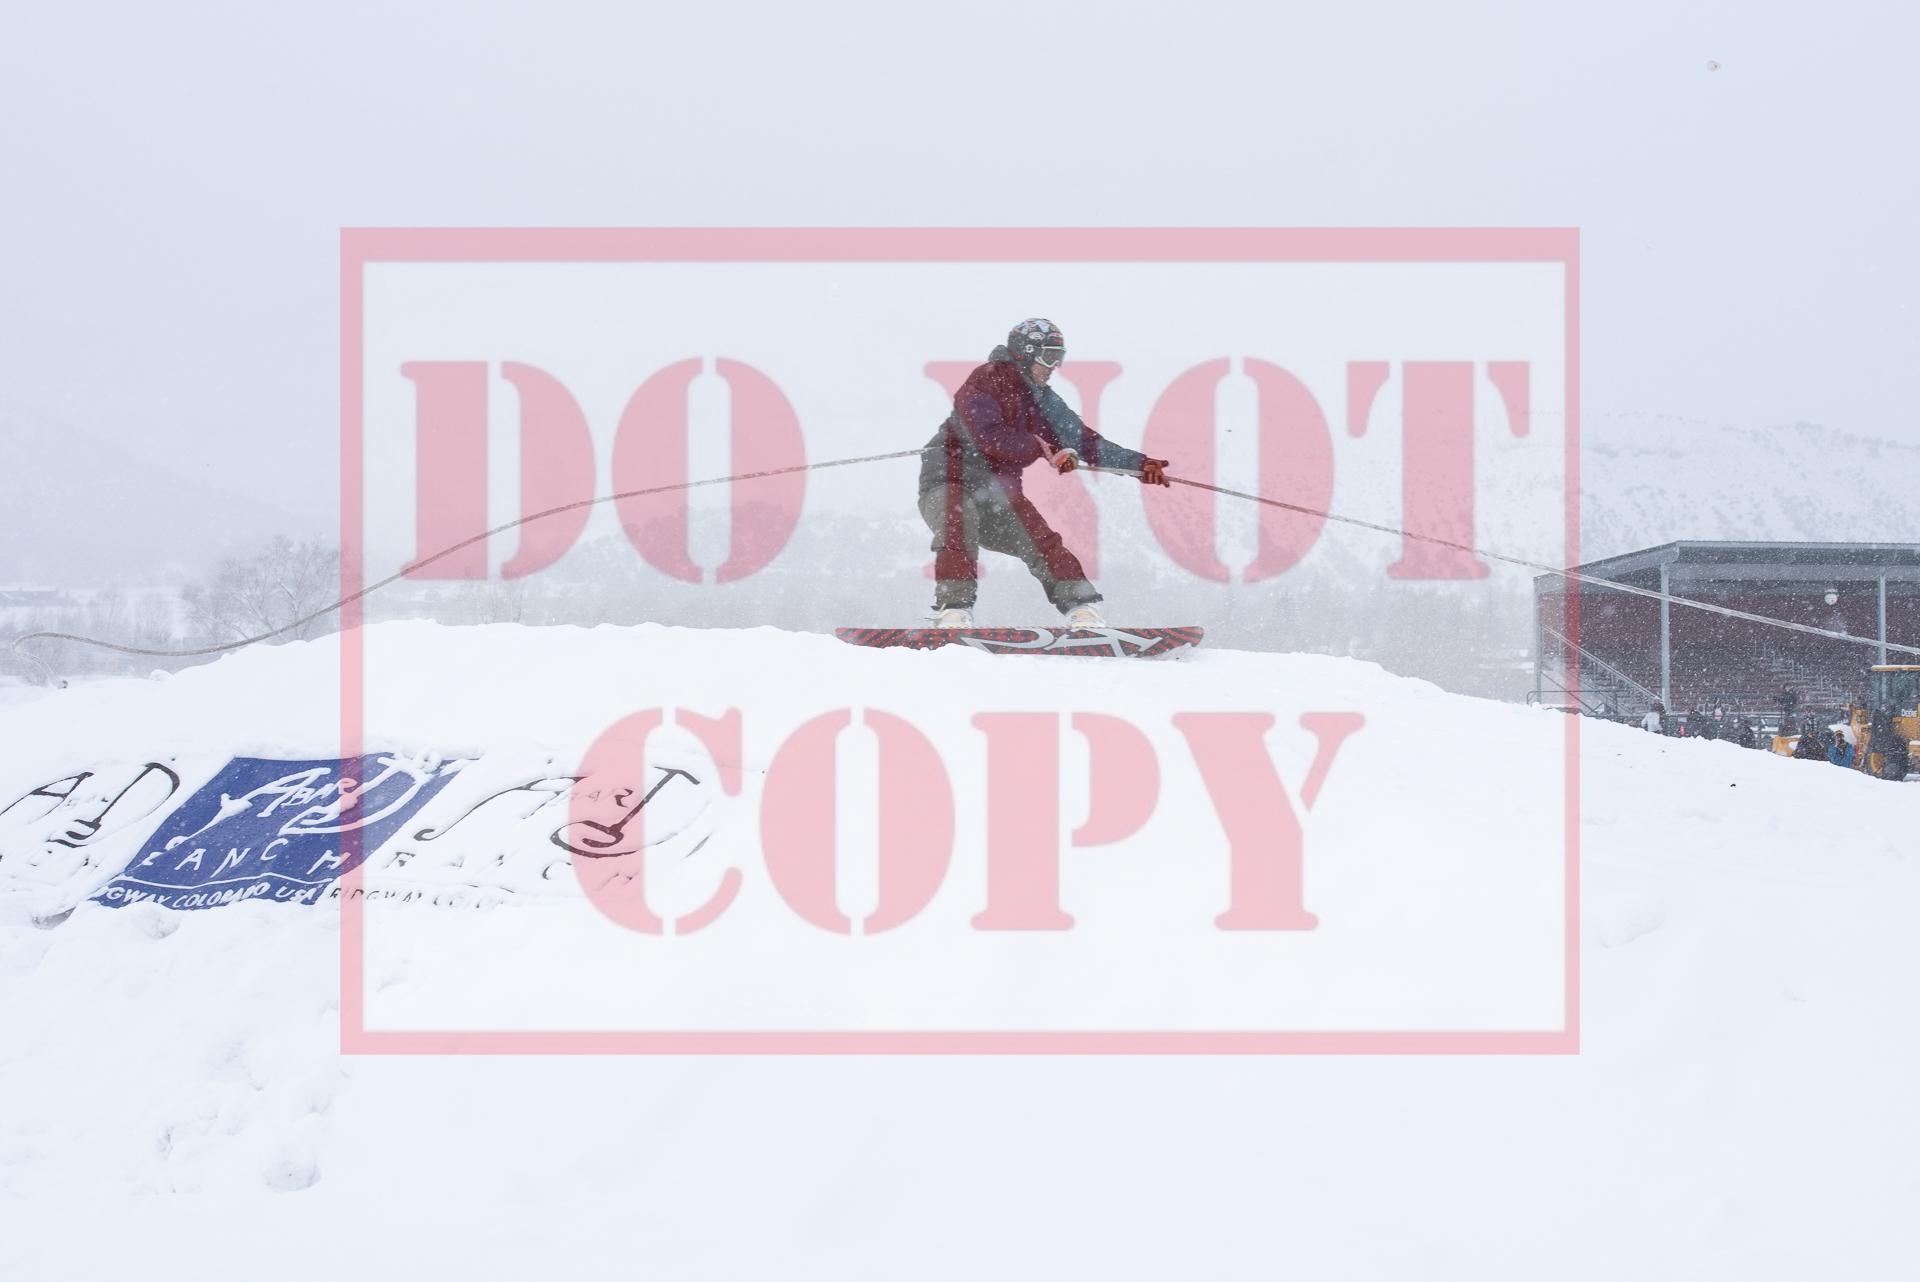 - Claudia Schmidt - Snowboard 5